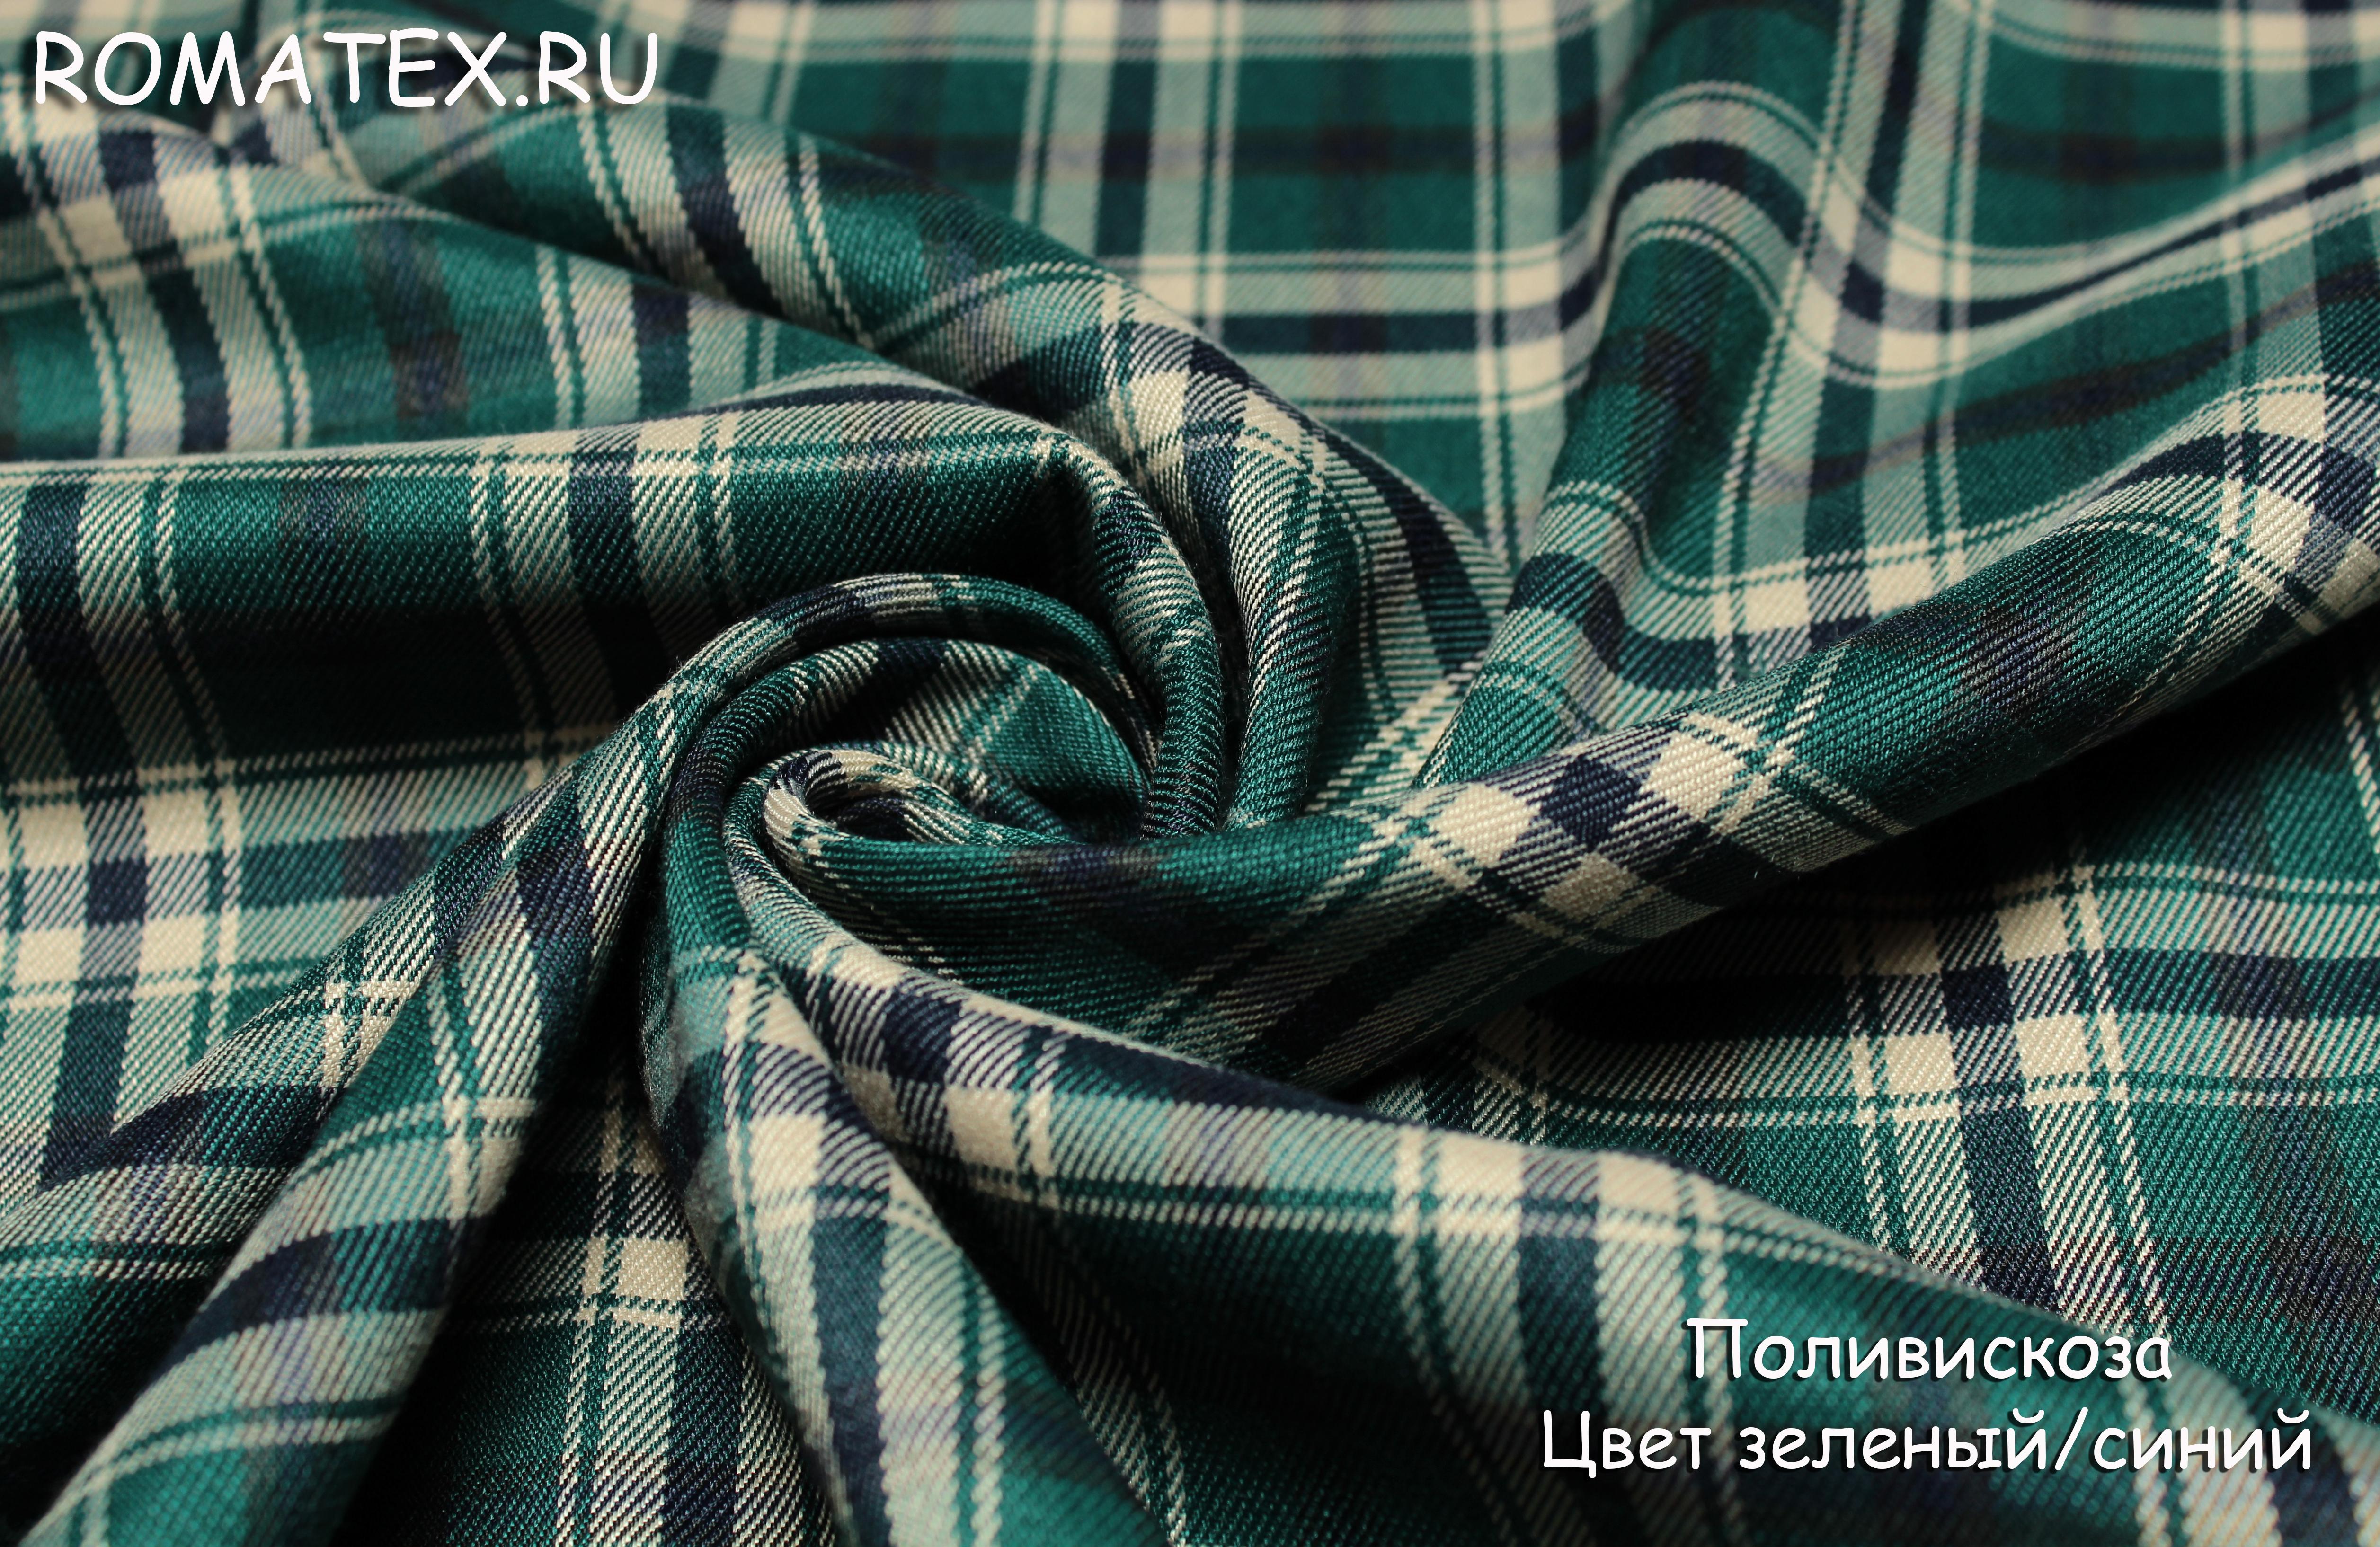 костюмная Поливискоза цвет зеленый/синий